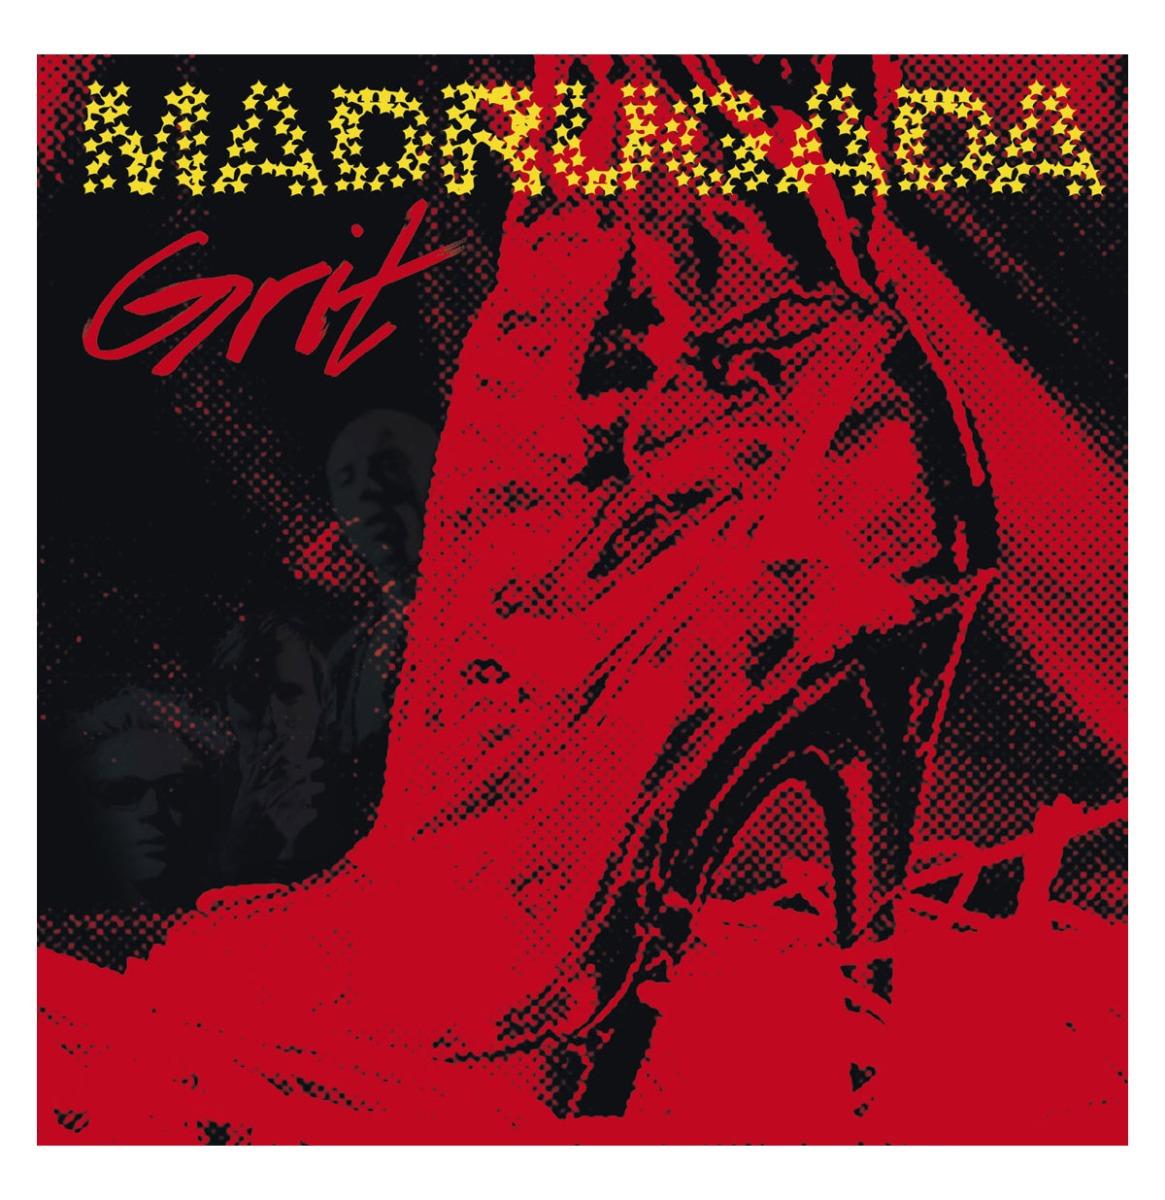 Madrugada - Grit LP